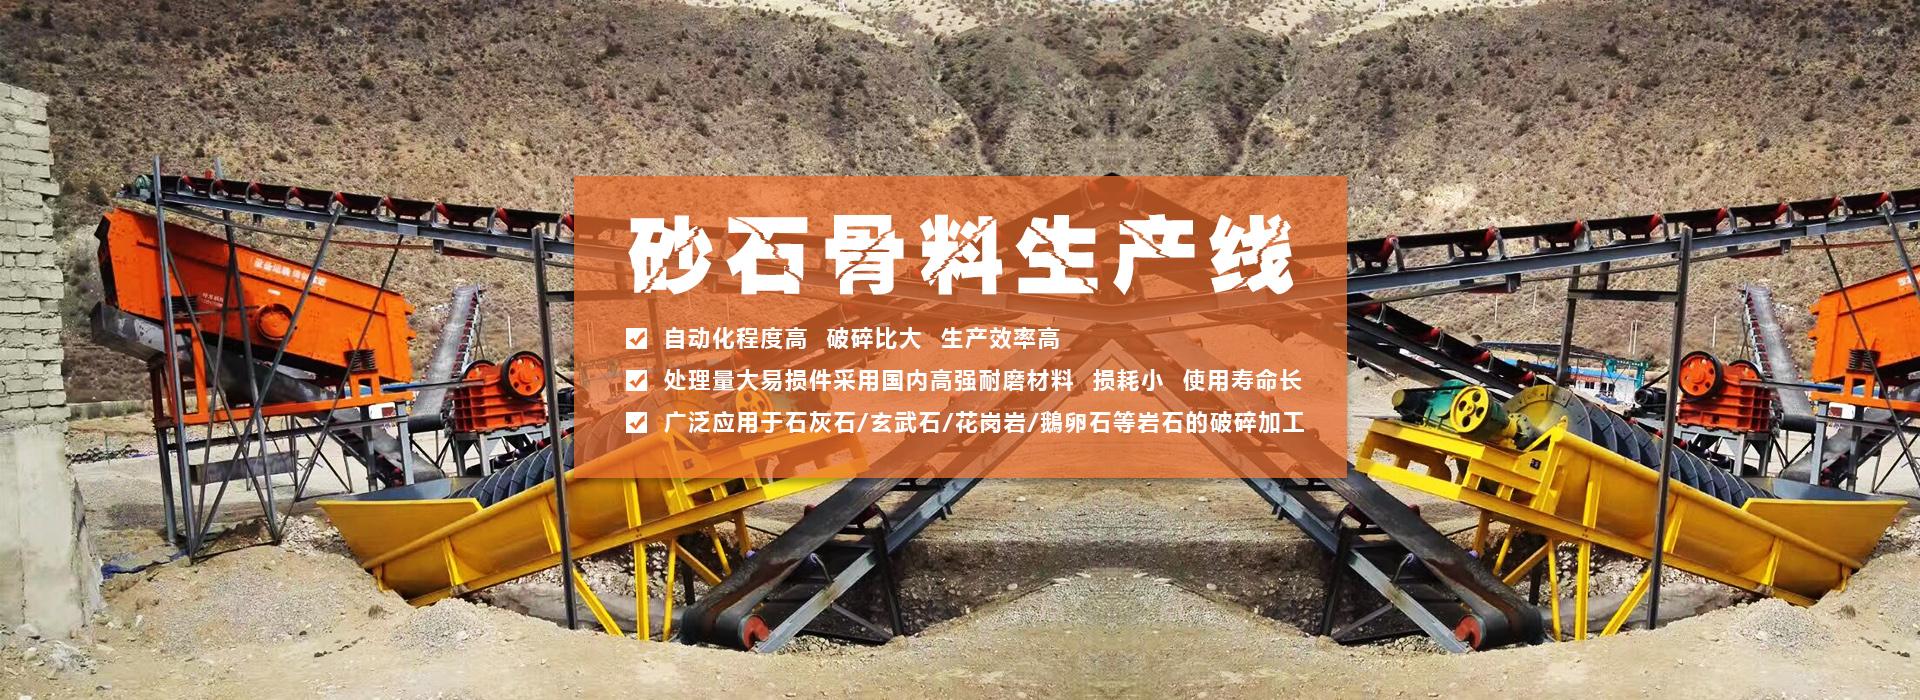 广元砂石分离机